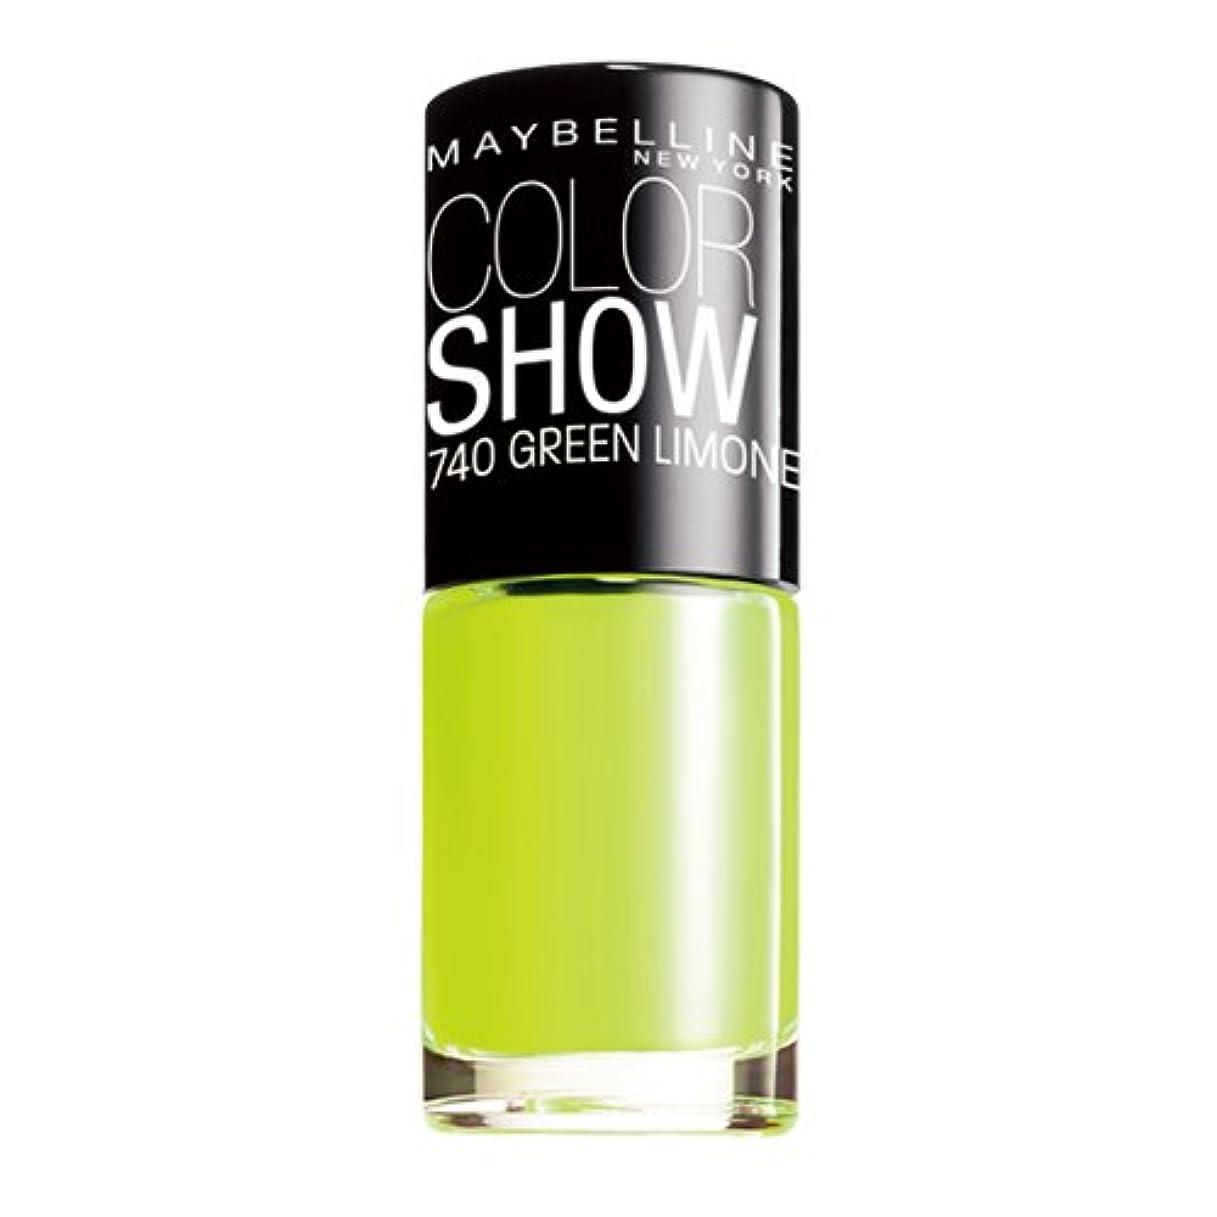 強調するくちばしページェントメイベリン カラー ショー ネイル B 740 グリーン リモーネ